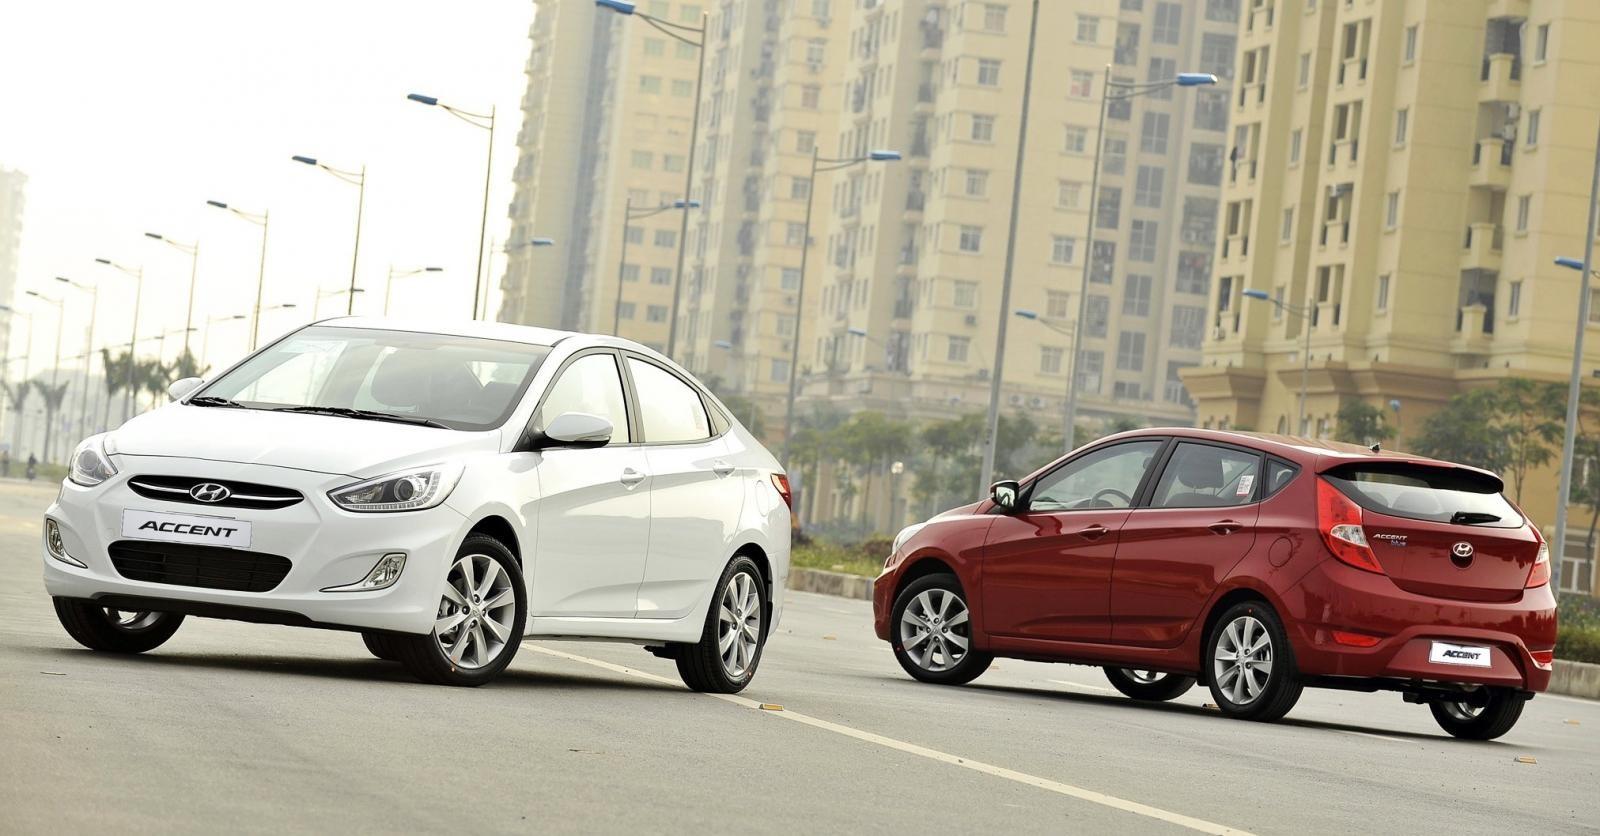 Hyundai Accent Blue: Mẫu sedan tầm trung trẻ trung, giá đẹp